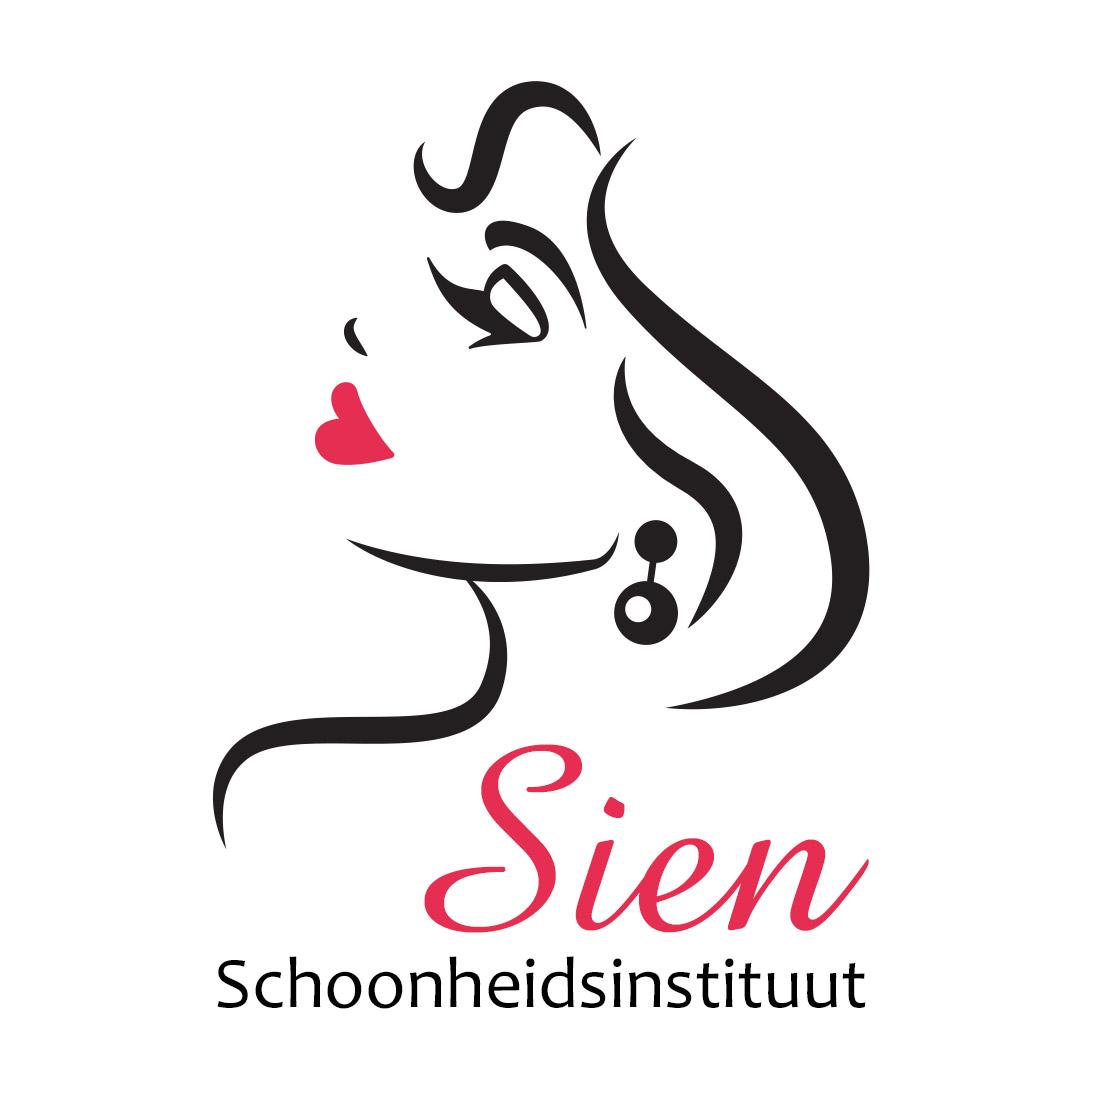 Schoonheidsinstituut Sien